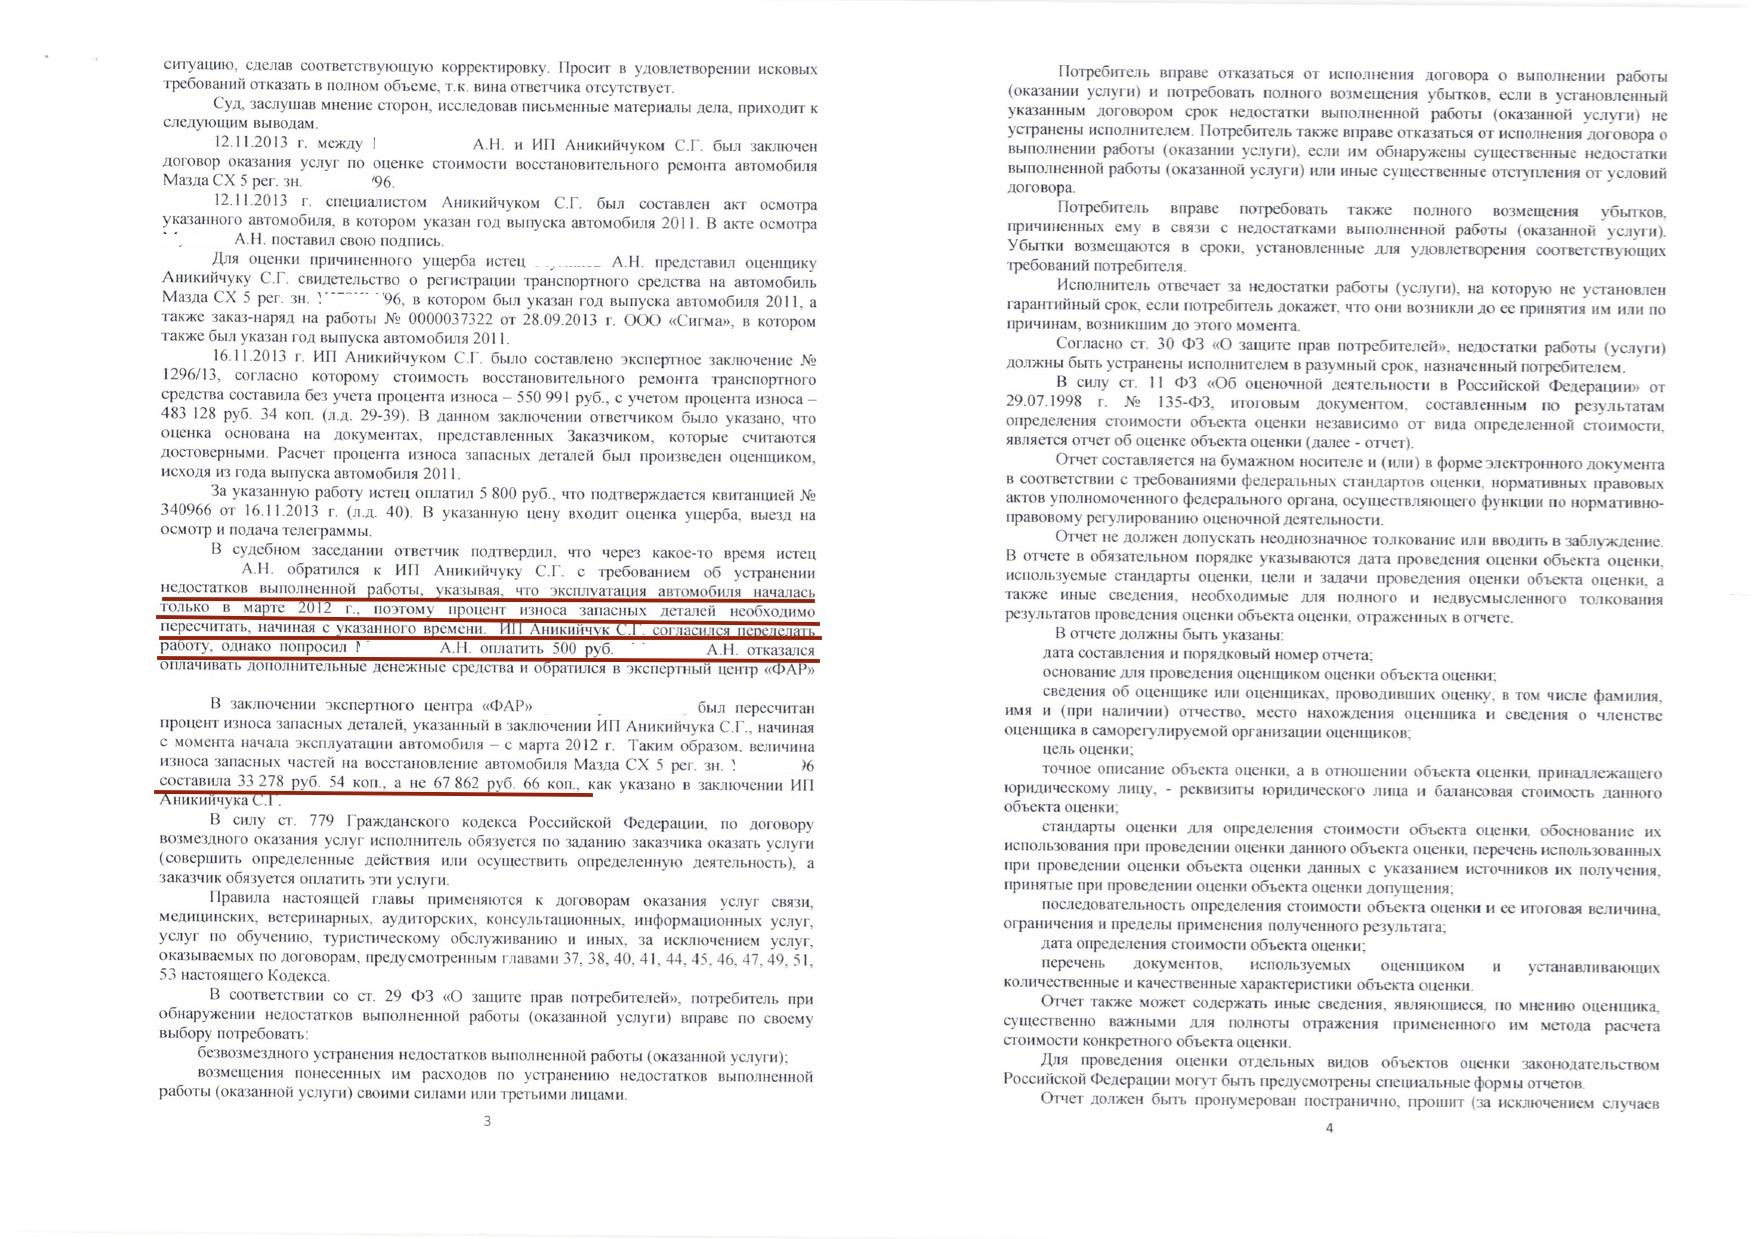 образец апелляционной жалобы на определение об утверждении мирового соглашения